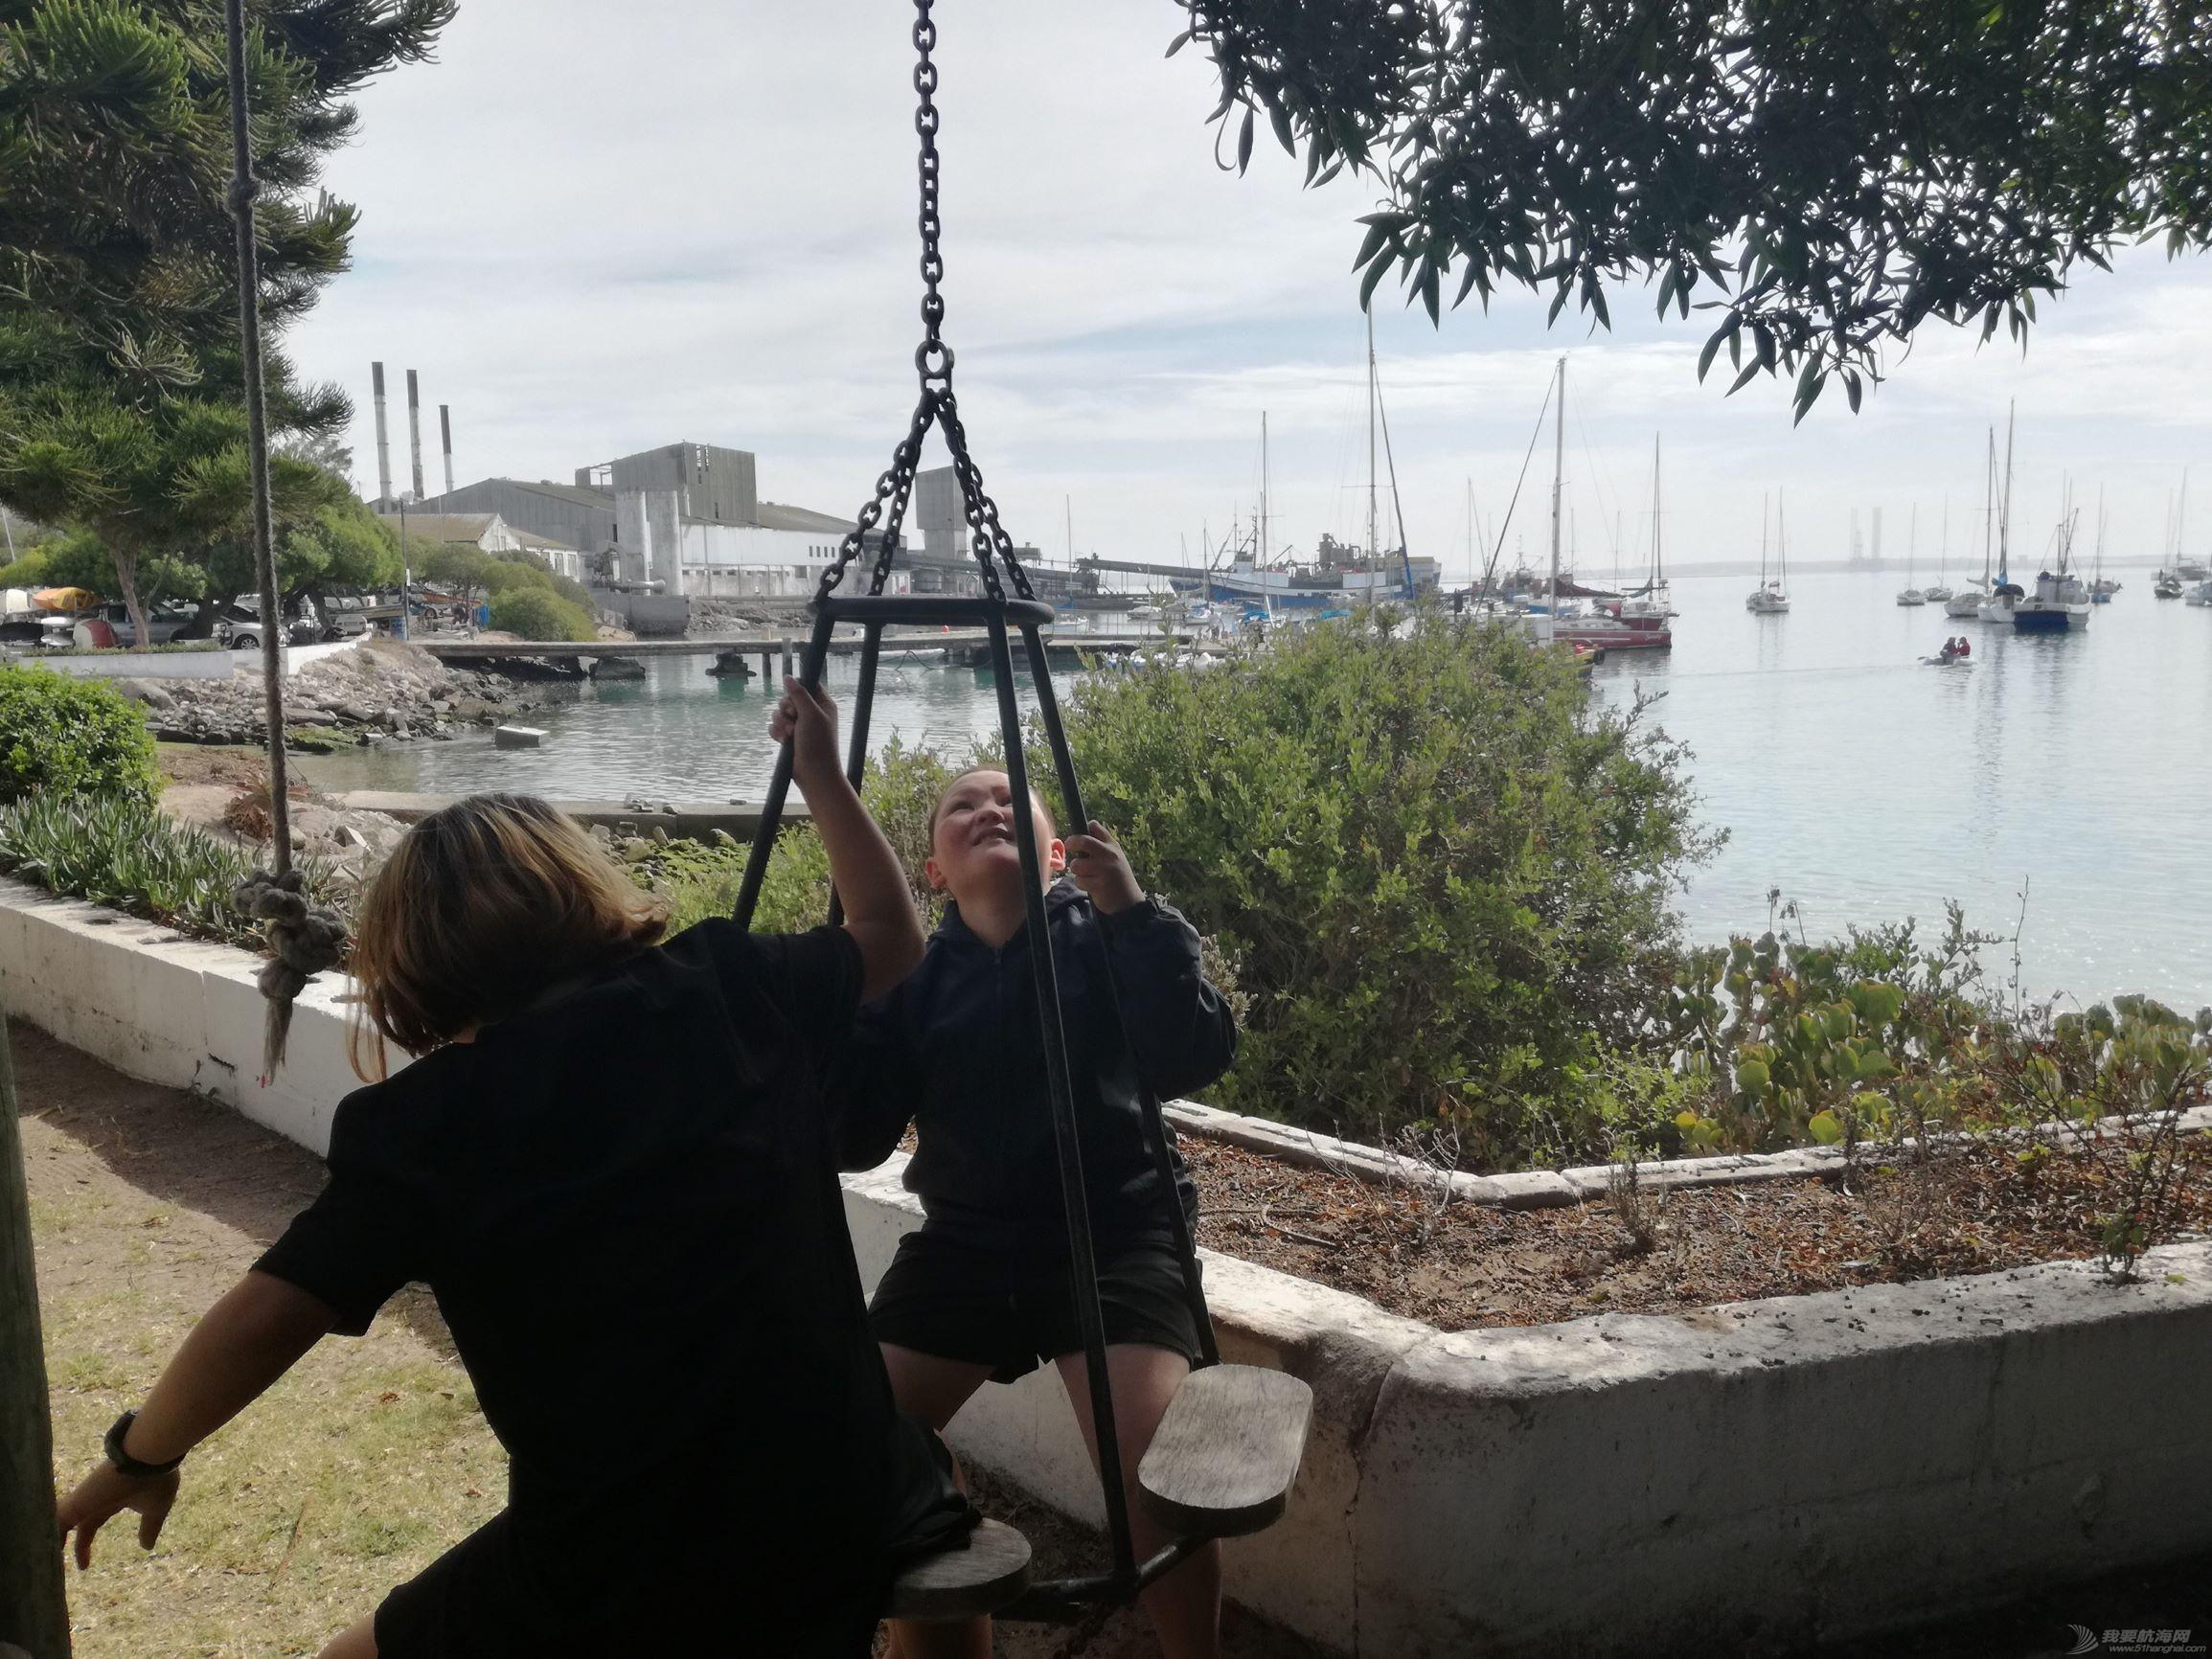 我们,帆船,俱乐部,南非,离开 ITHACA号航海 15 新年喜团聚,没有保险,也不能阻止向海洋出发 萨当那港俱乐部 023523wqra8ssrz8pray77